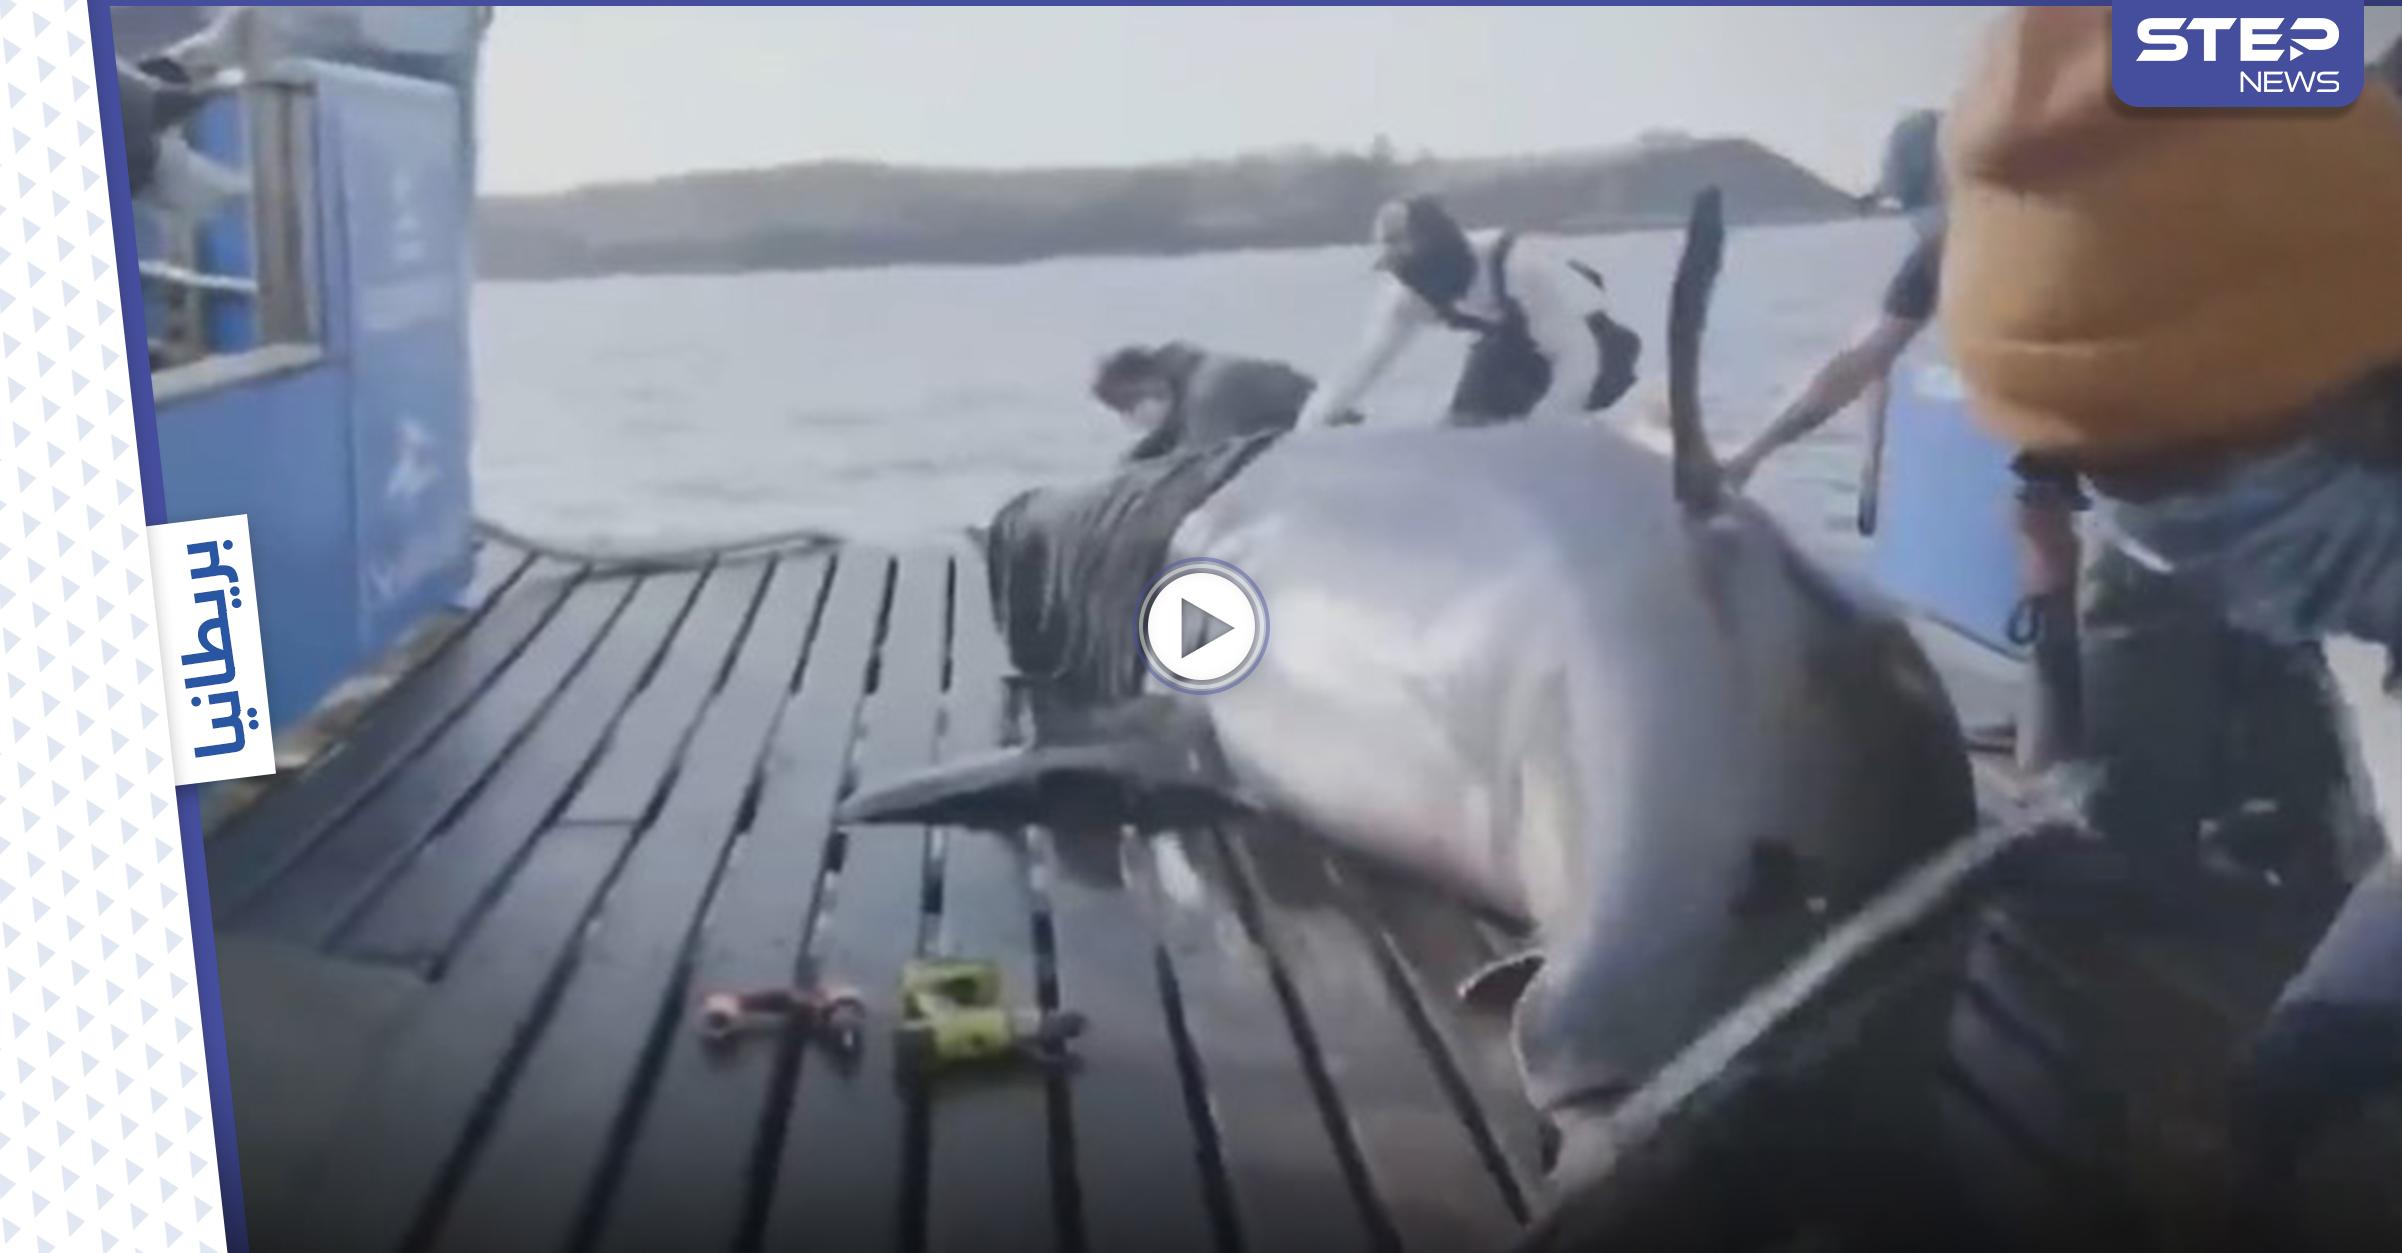 علماء بريطانيون يتمكنون من اصطياد ملكة المحيط ووضع جهاز تعقب عليها (فيديو)